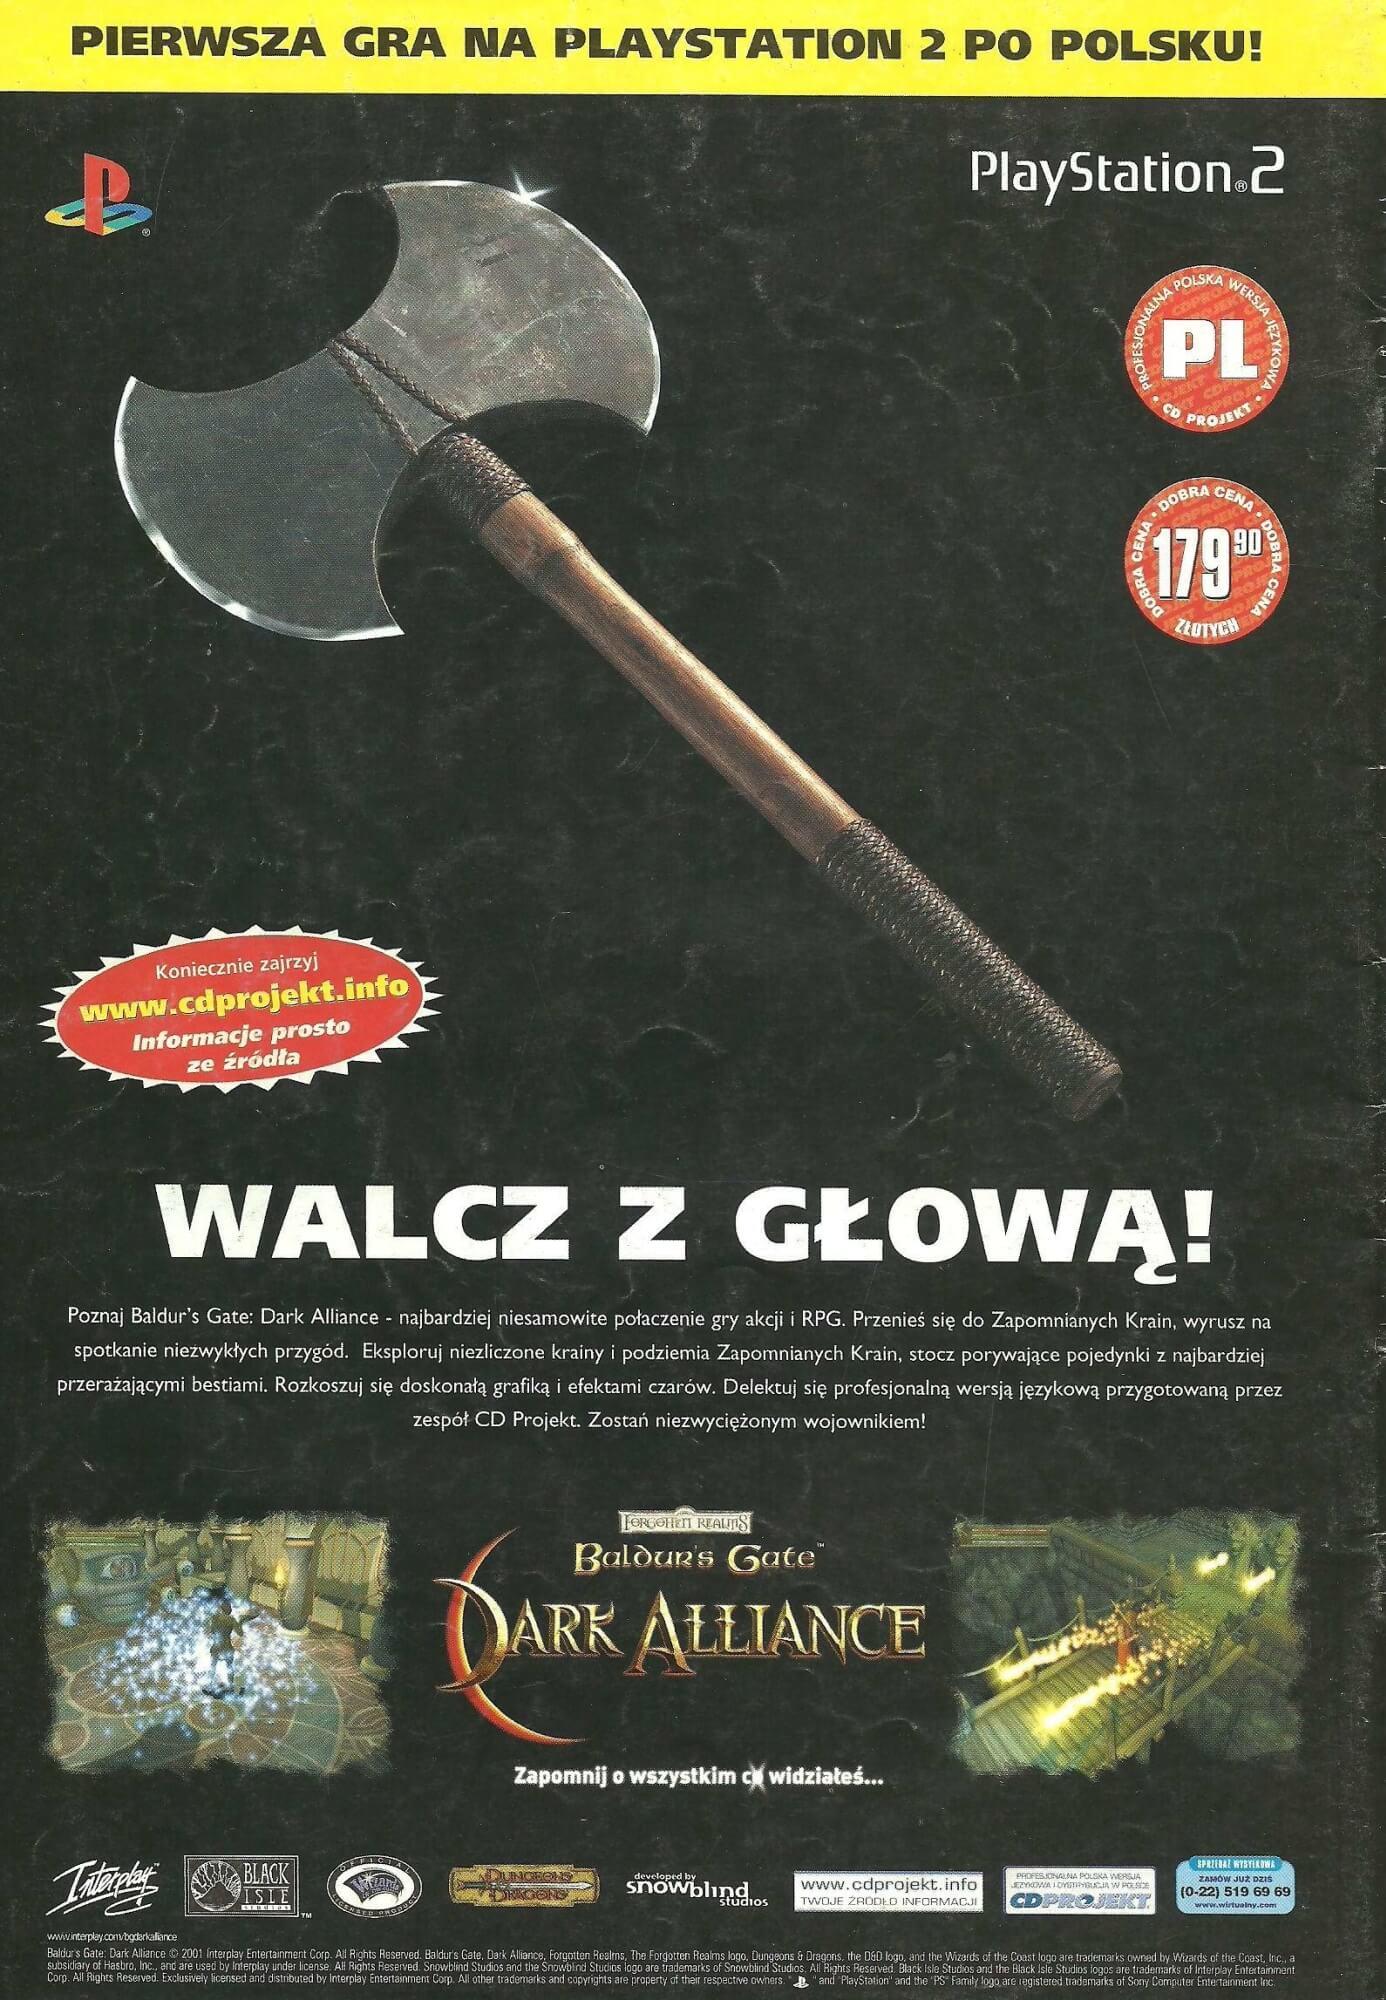 baldurs gate pl ps2 - Historia CD Projekt i ich pierwszej, niedoszłej gry po polsku na PS2